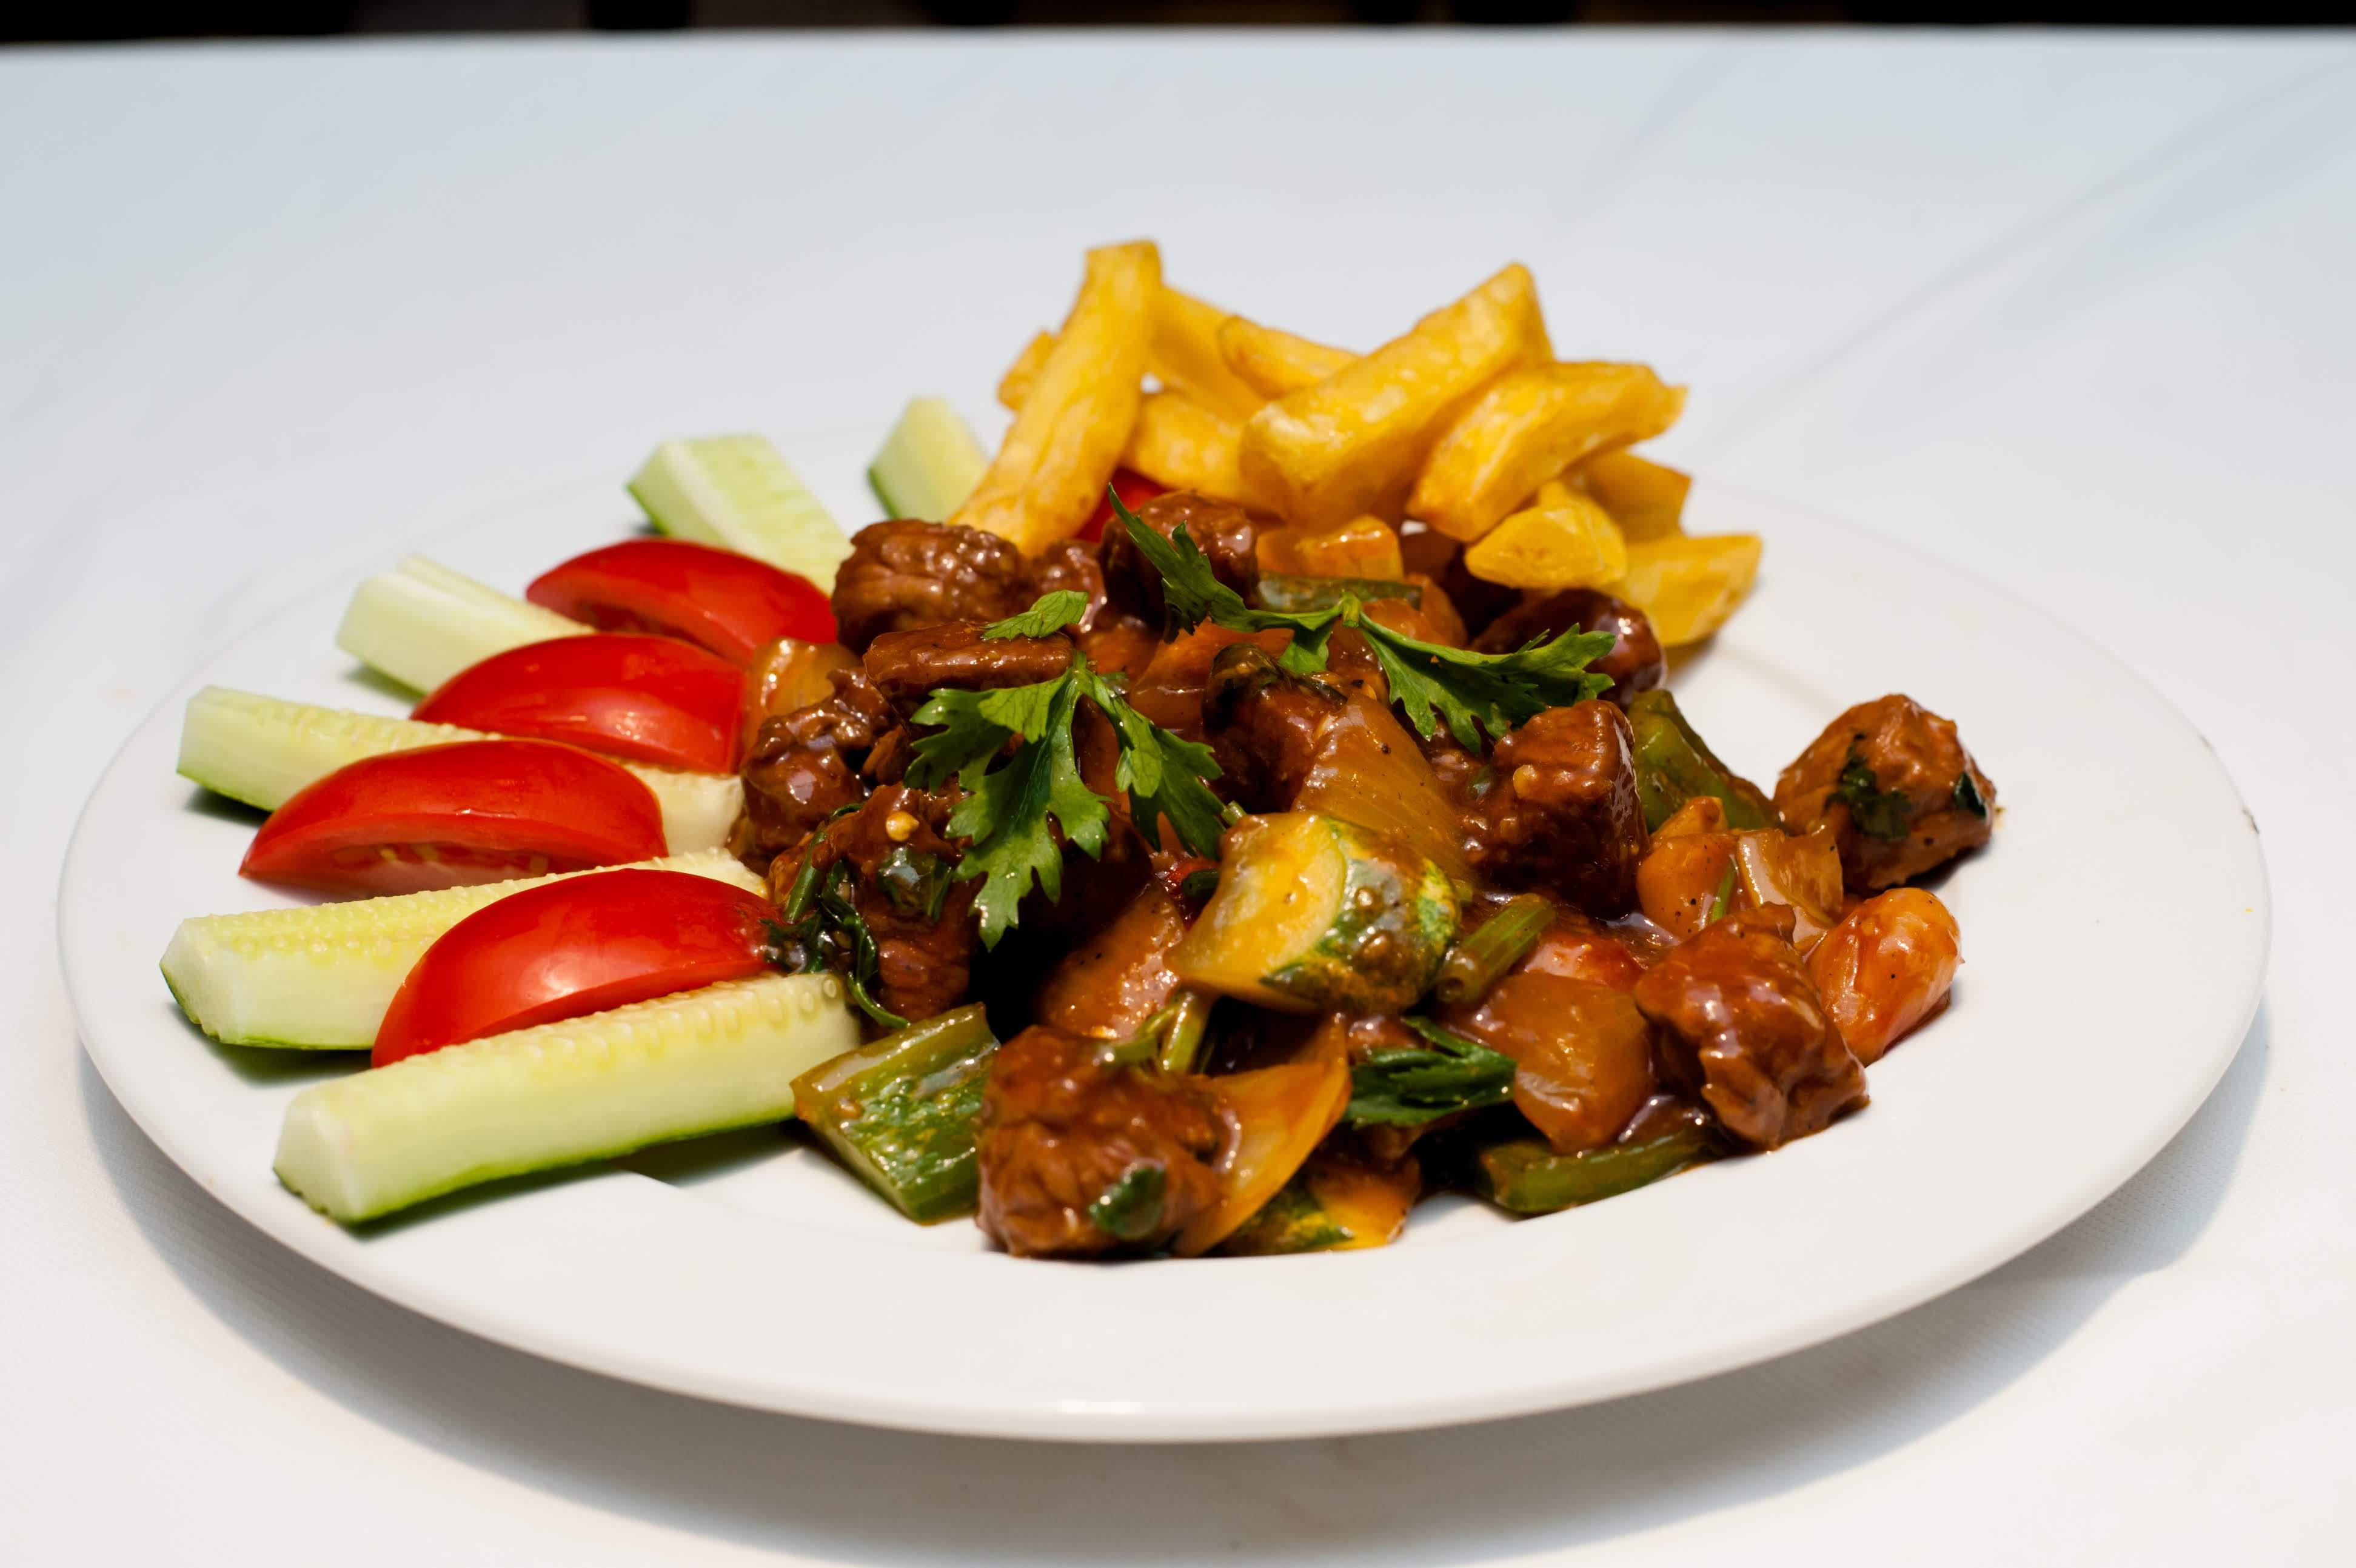 Bò Lúc Lắc Khoai Tây Chiên / Beef Dish Served with fried potato